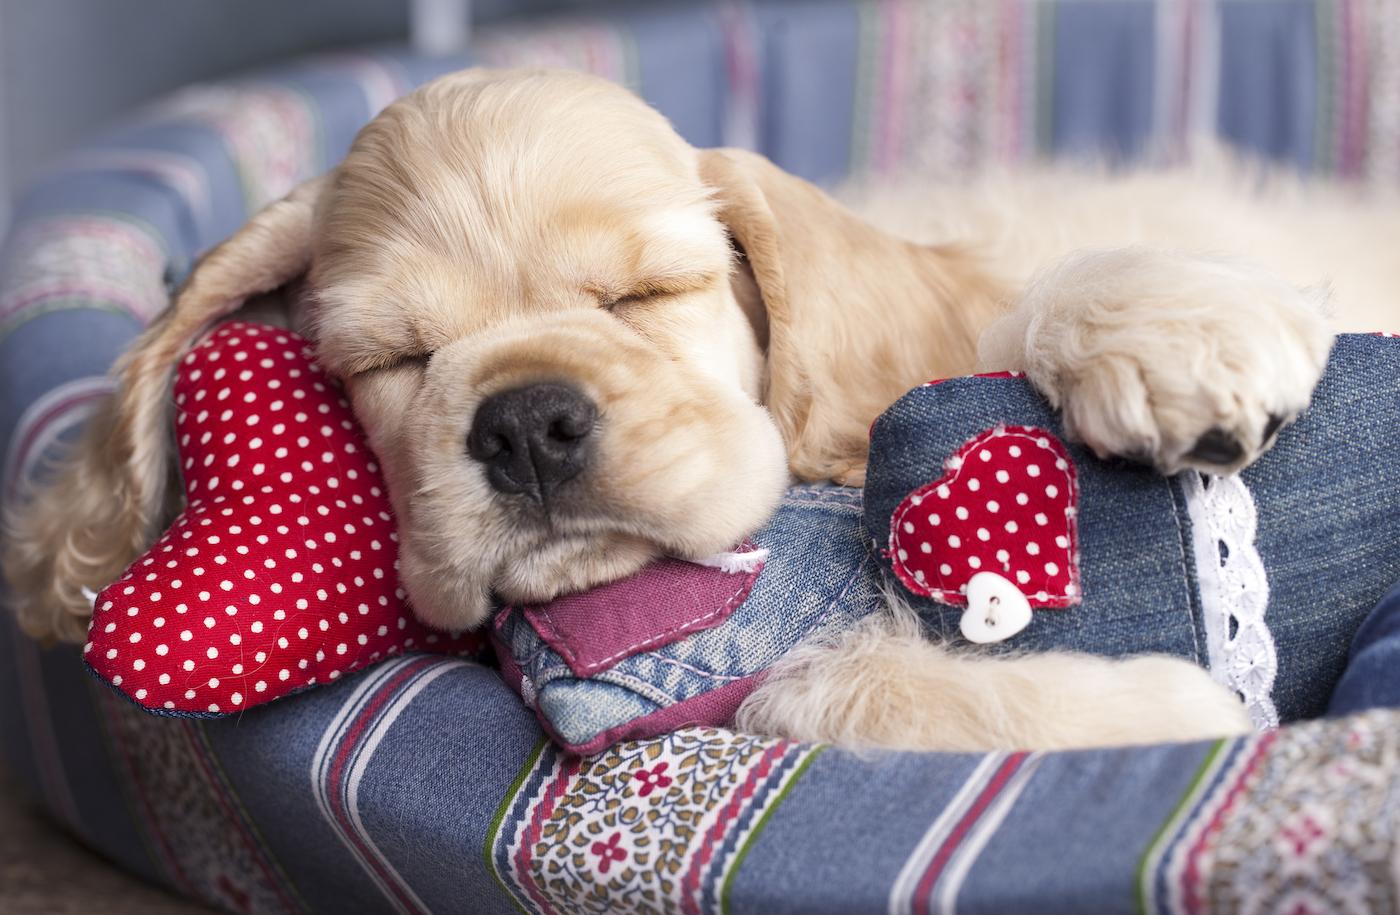 A very sleepy pup